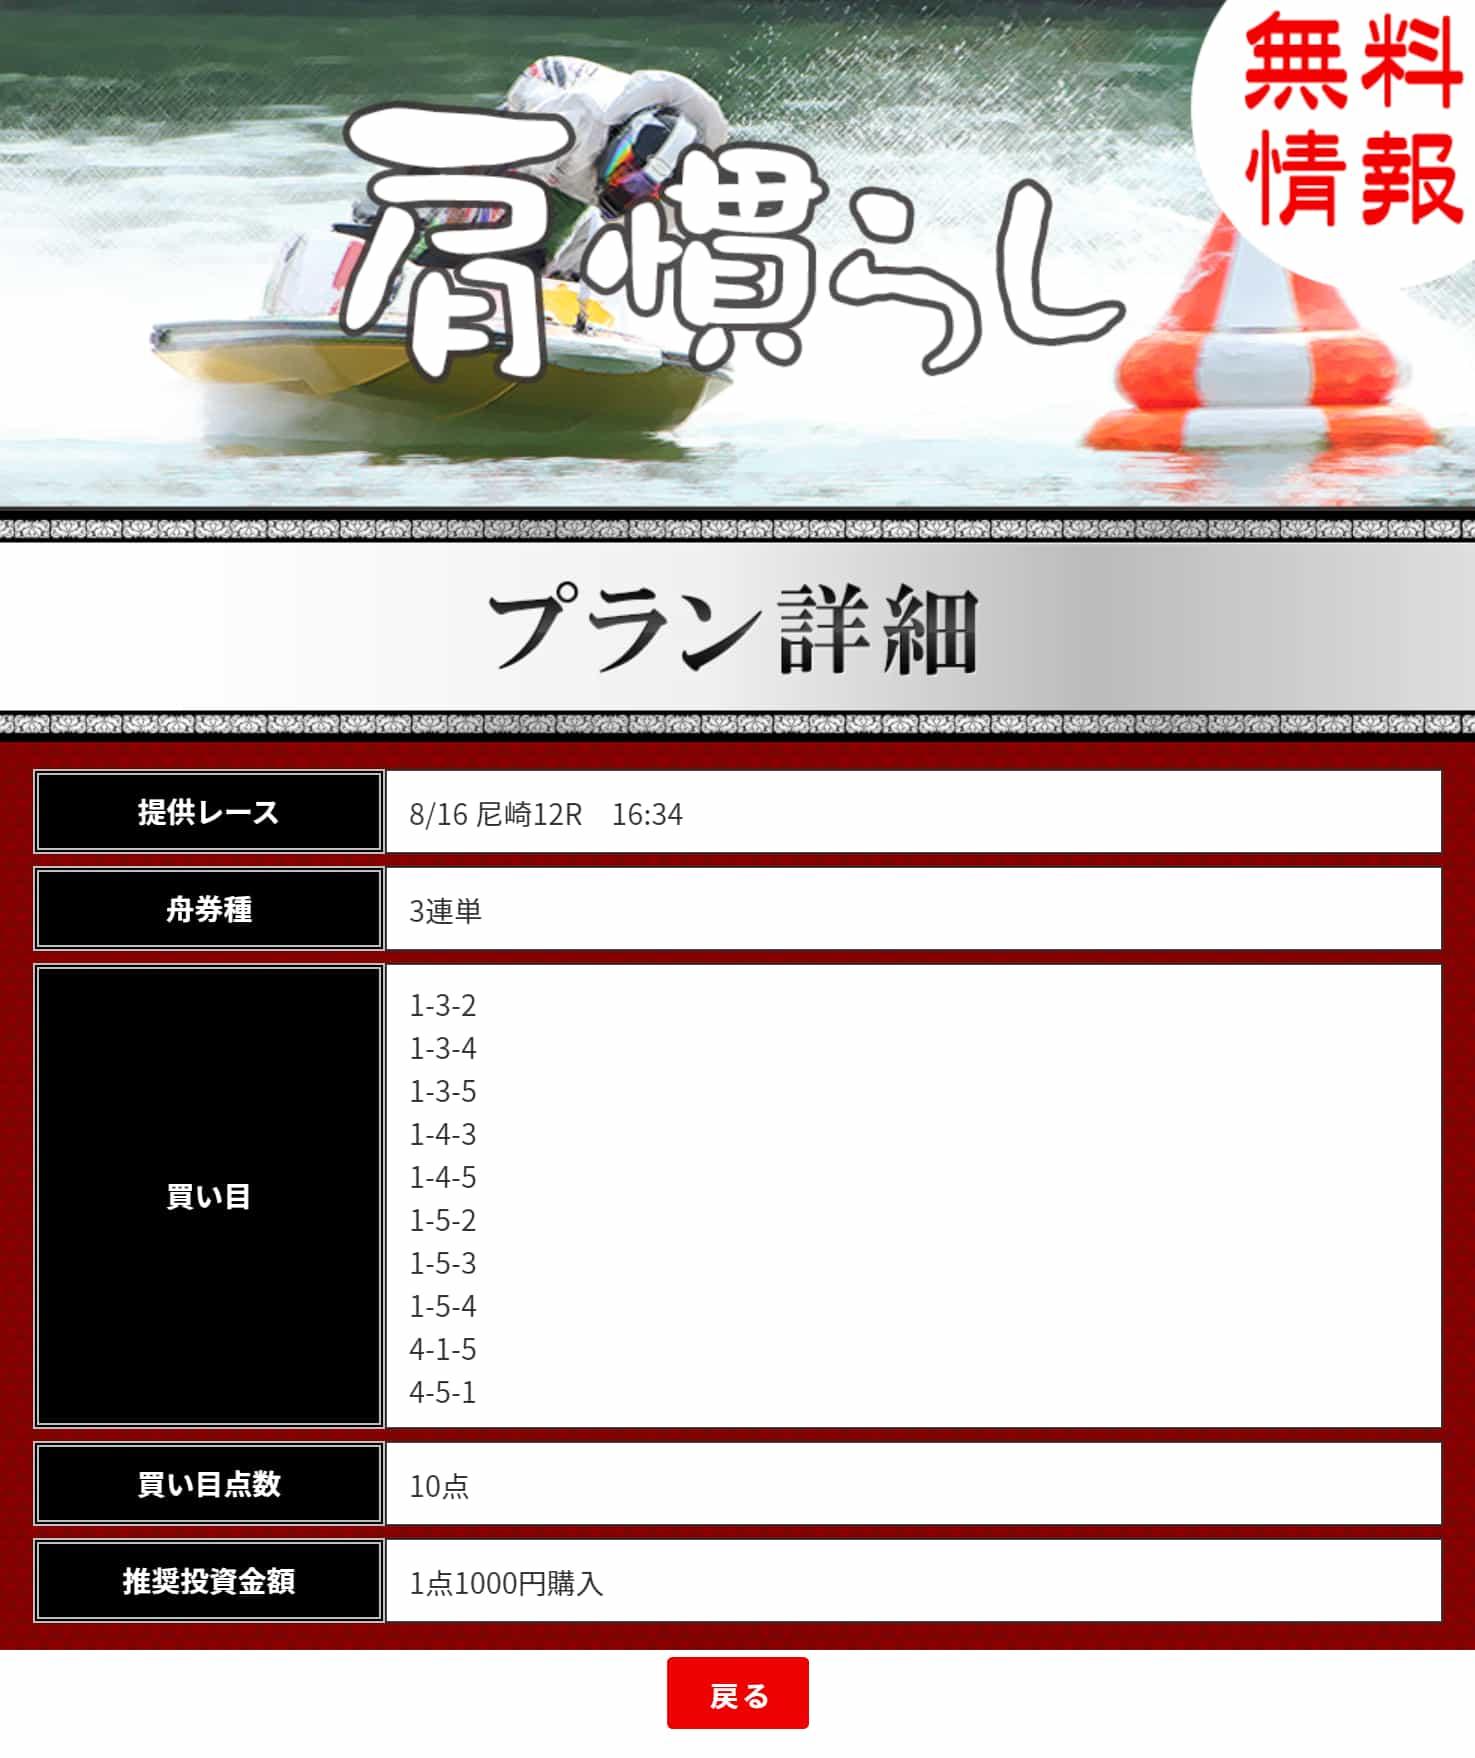 優良 船の時代 口コミ検証や無料情報の予想結果も公開中 8/16 尼崎12Rの買い目